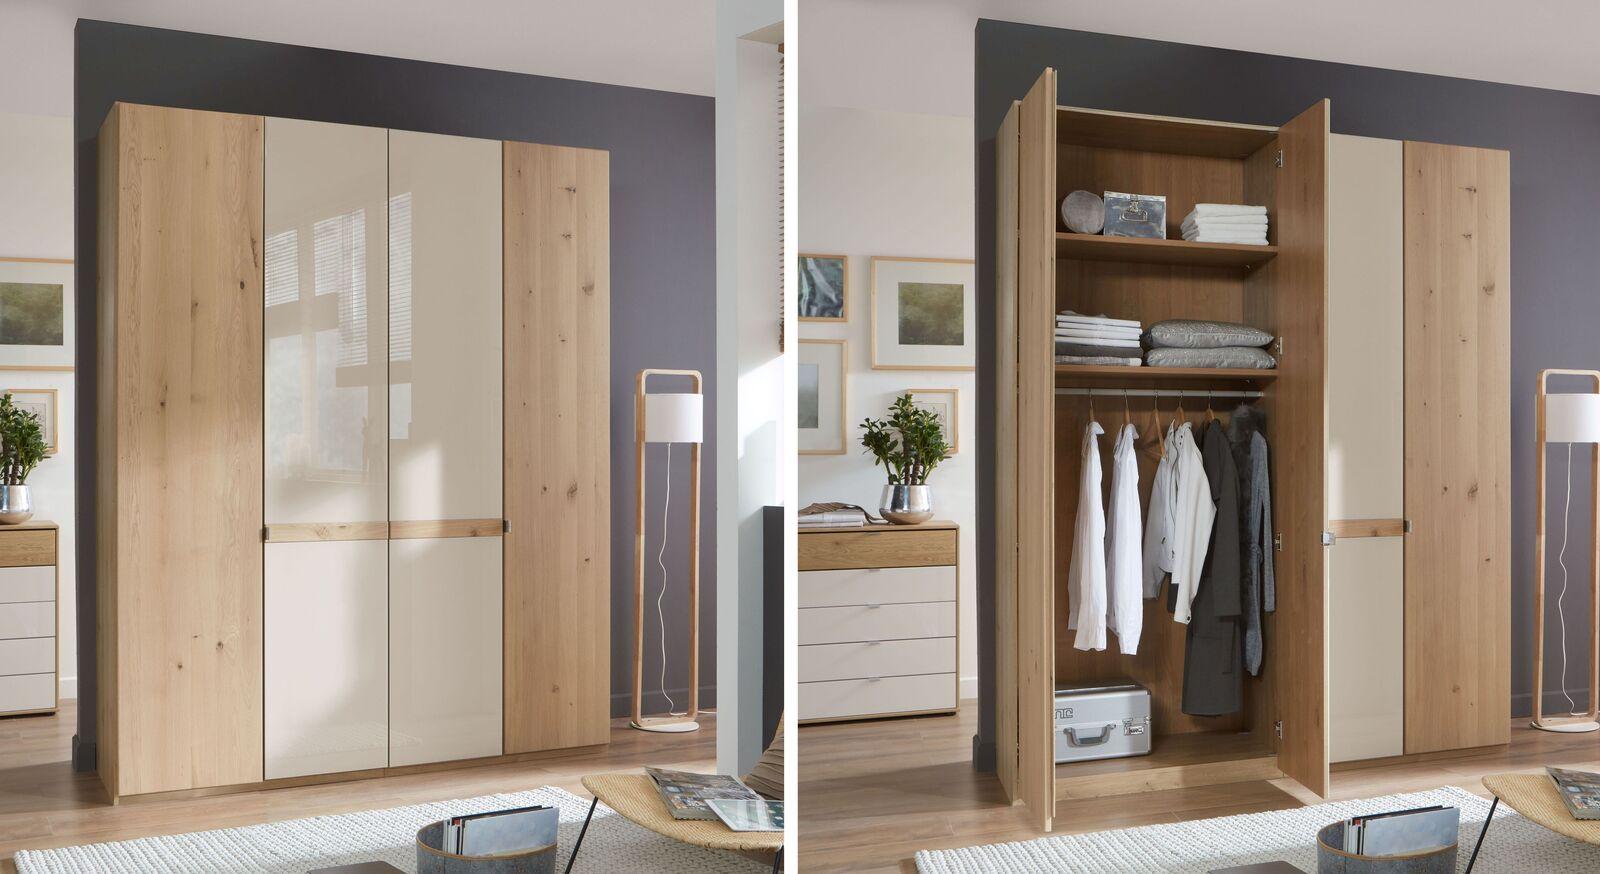 Drehtüren-Kleiderschrank Corato inklusive Innenausstattung